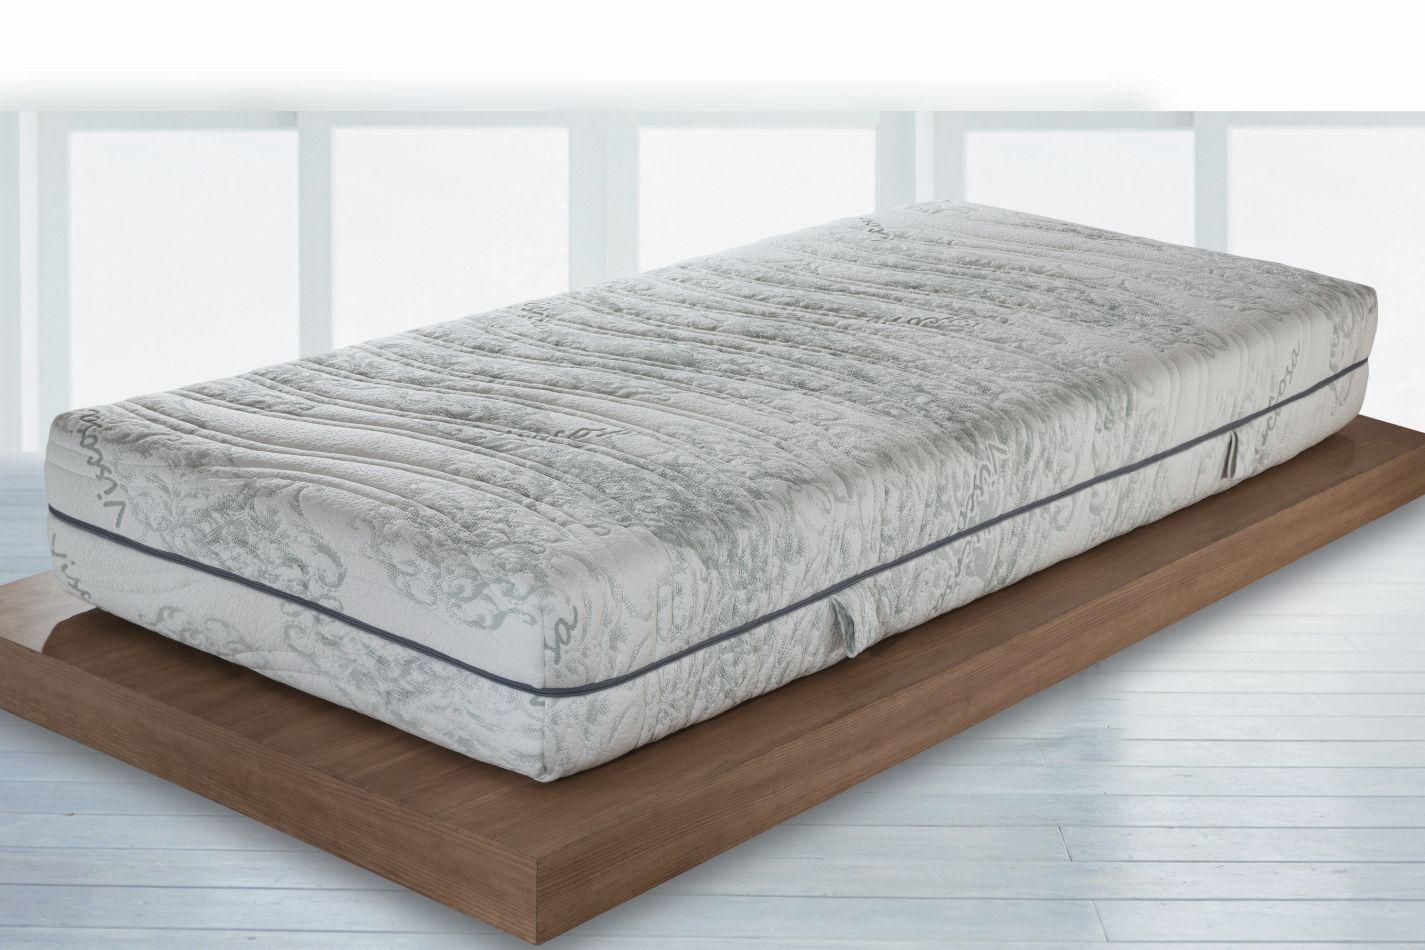 Matratze Balance Plus mit Taschen Federkern  - Abmessungen: 80 x 190 cm